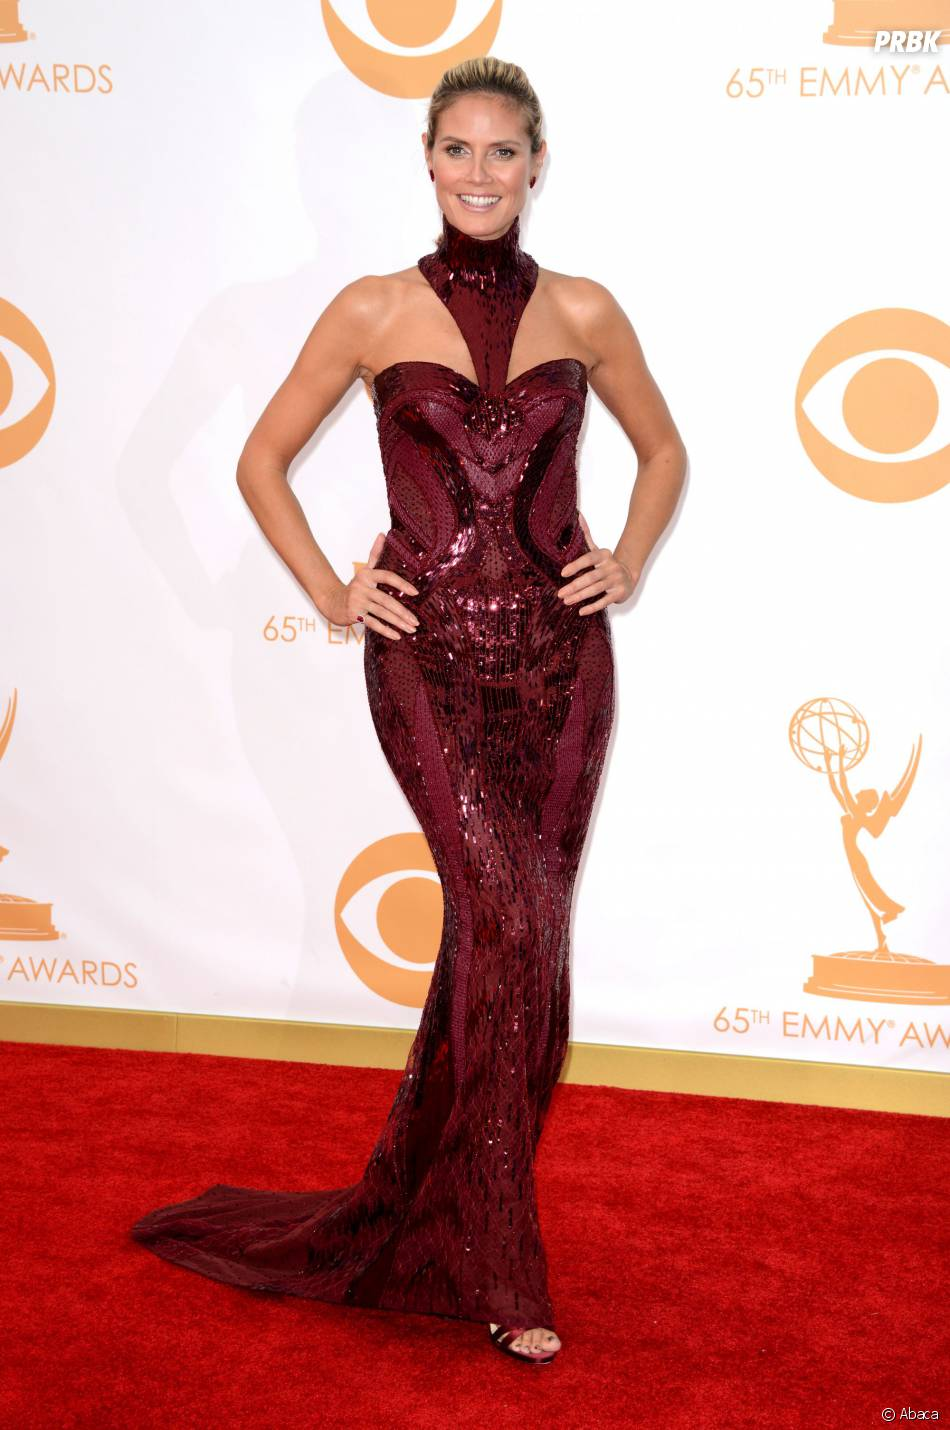 Heidi Klum aux Emmy Awards 2013 le 22 septembre 2013 à Los Angeles